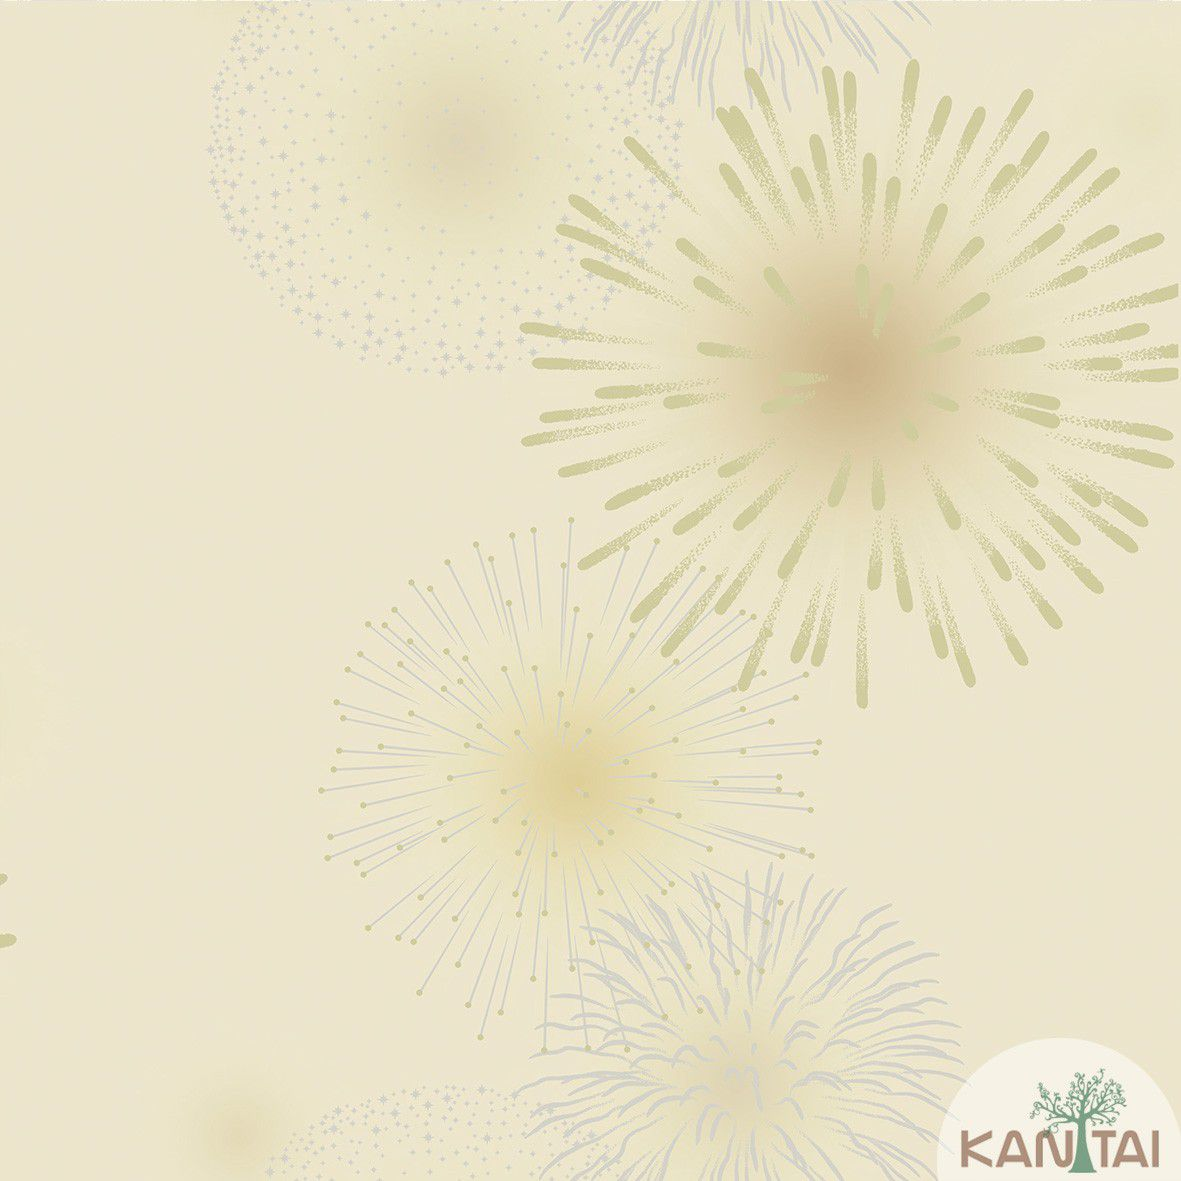 Papel de Parede Kan Tai Vinilico  Coleção Neonature III 3D Fogos e Artifícios Bege, Dourado